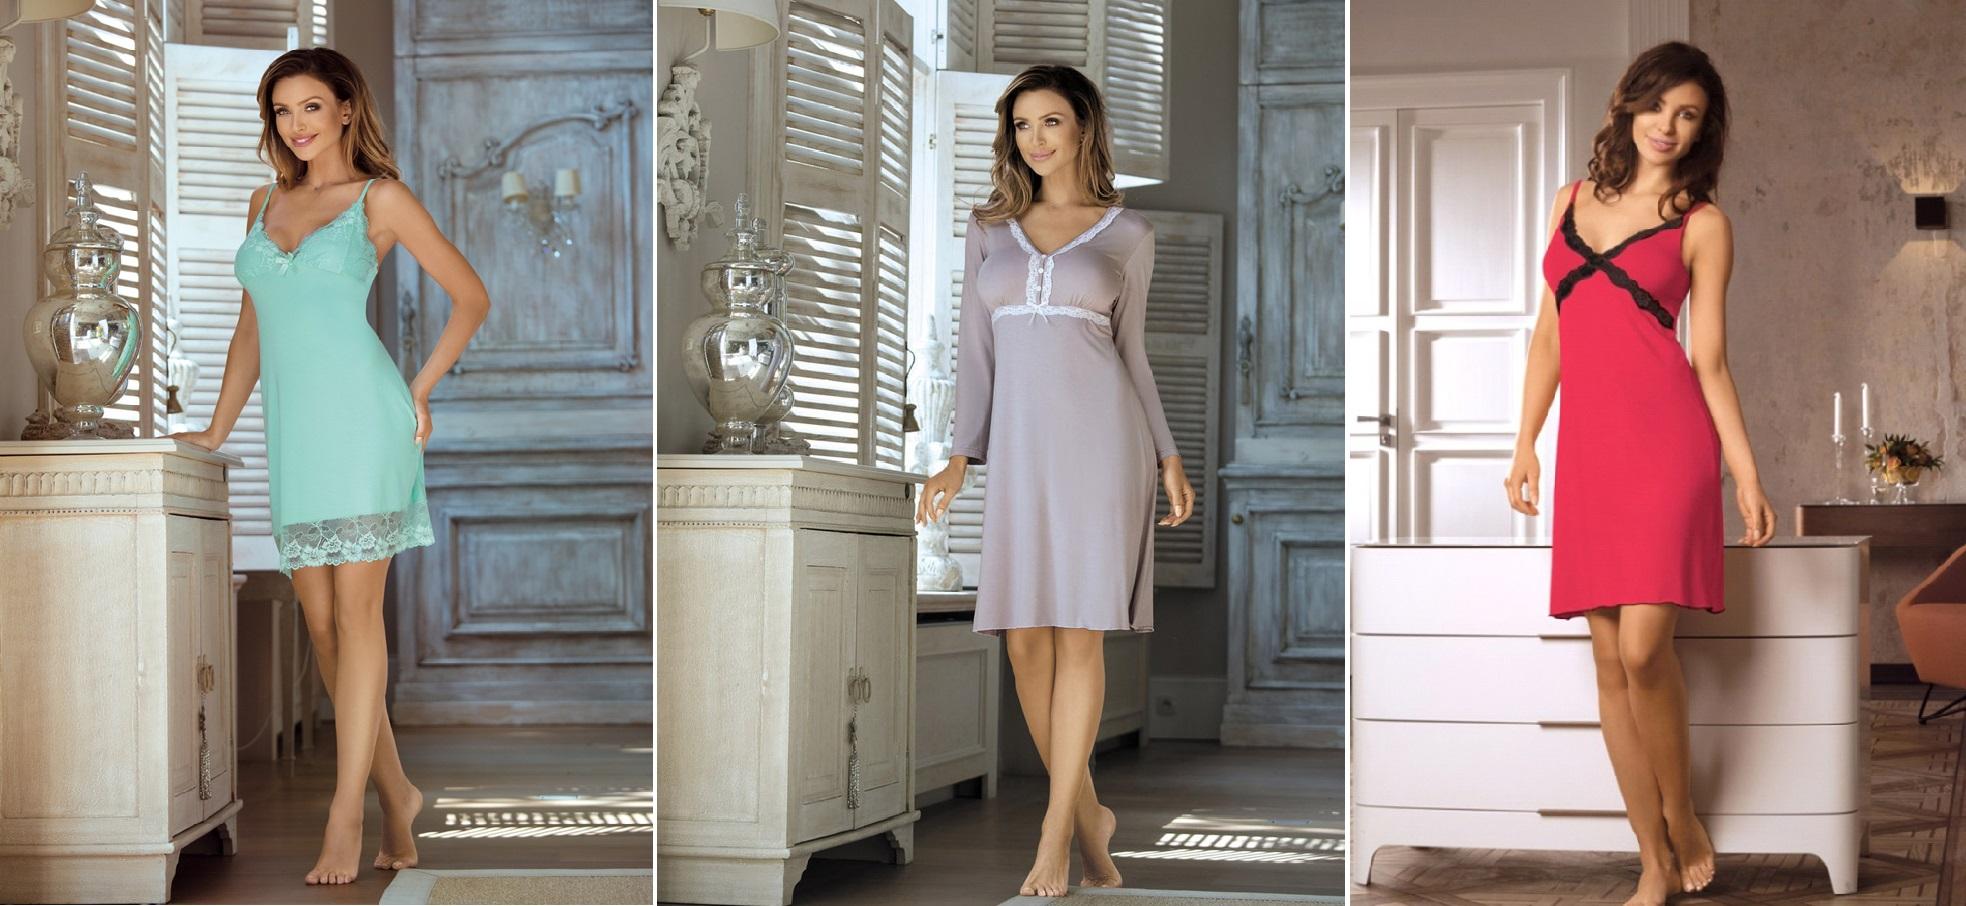 Женские сорочки вискоза, ночные сорочки купить интернет-магазин Киев